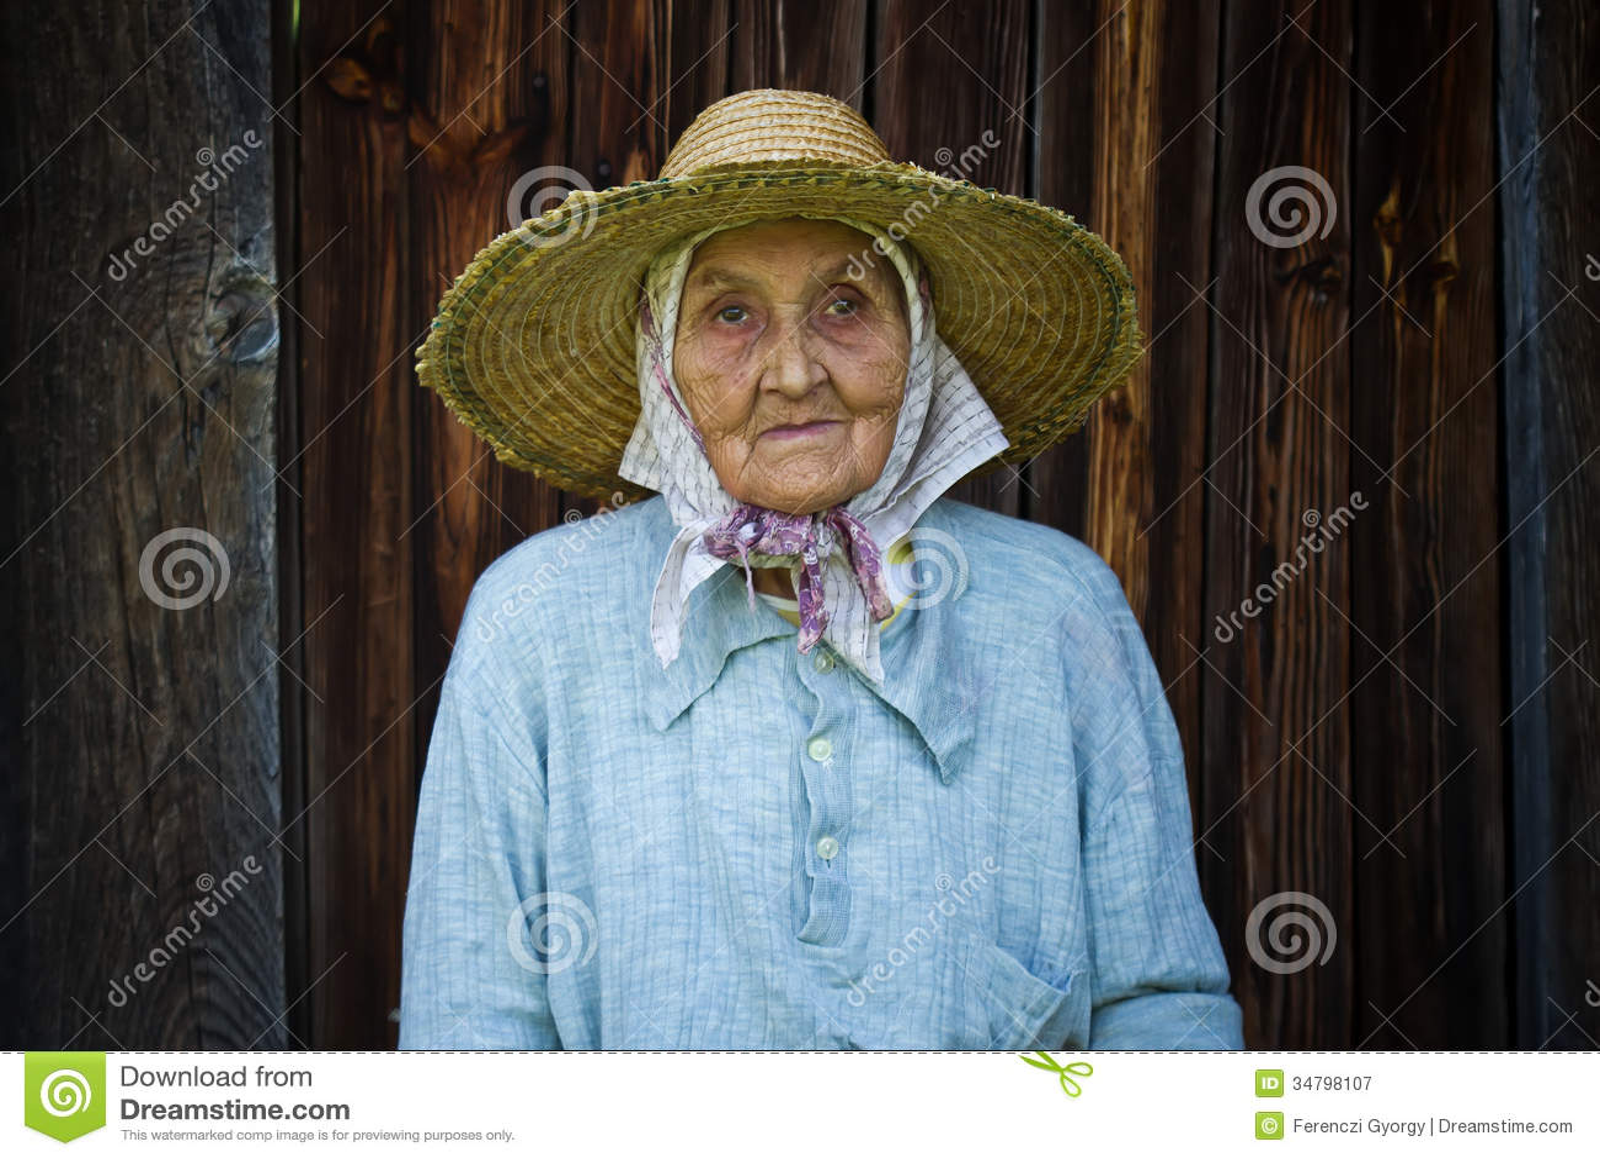 Sehr Alte Frau